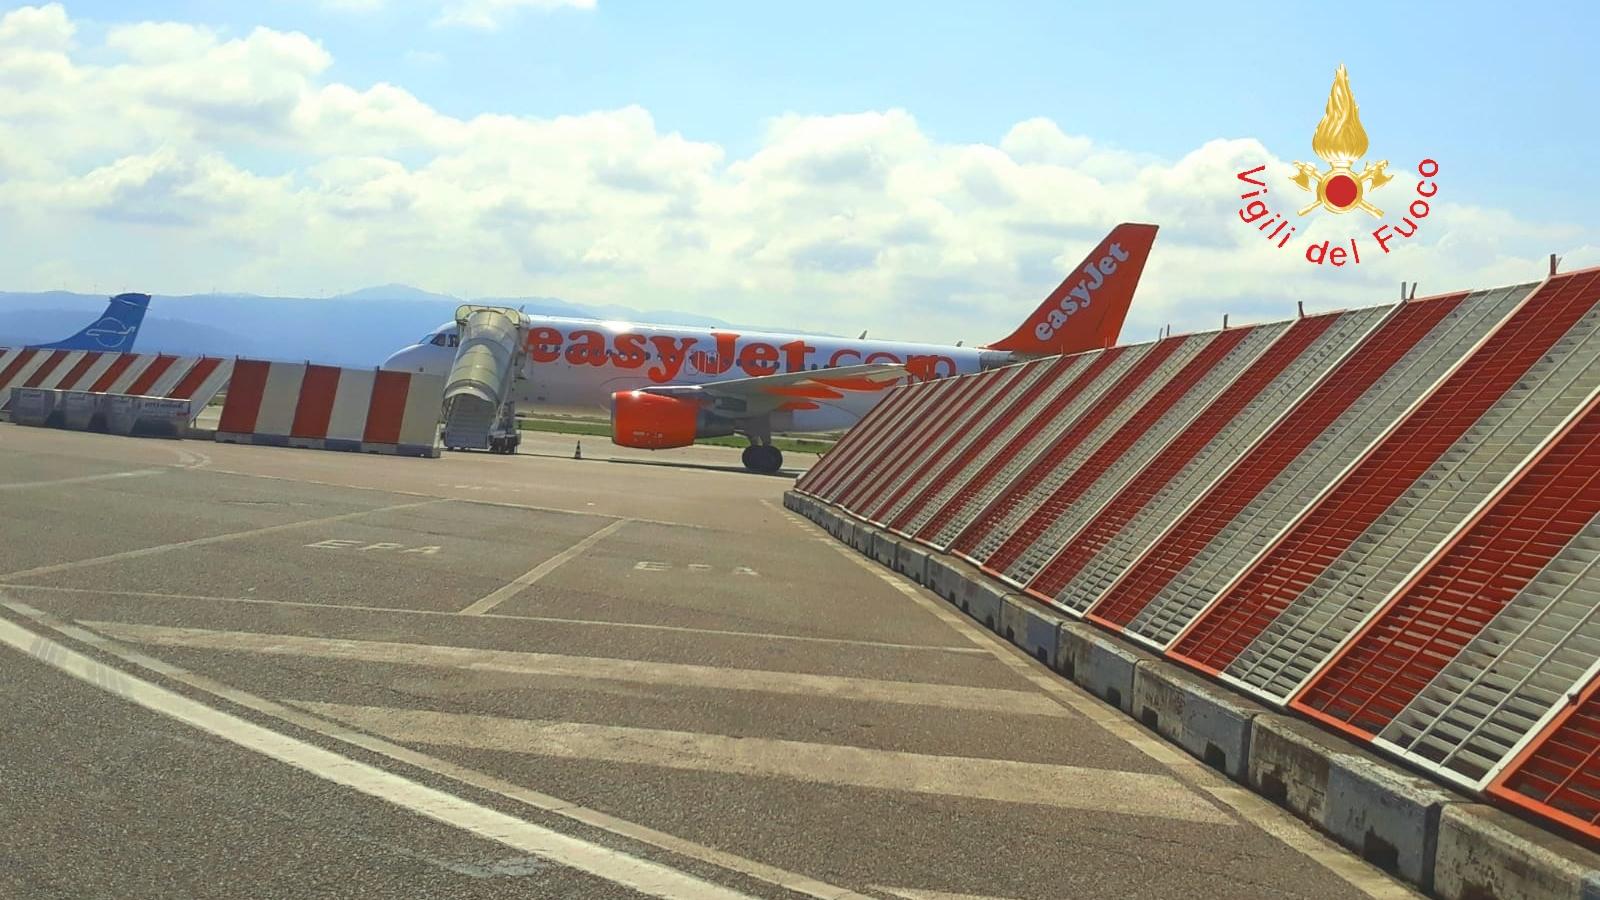 Lamezia Terme, uno stormo di uccelli blocca il motore  Atterraggio di emergenza del volo diretto a Malpensa